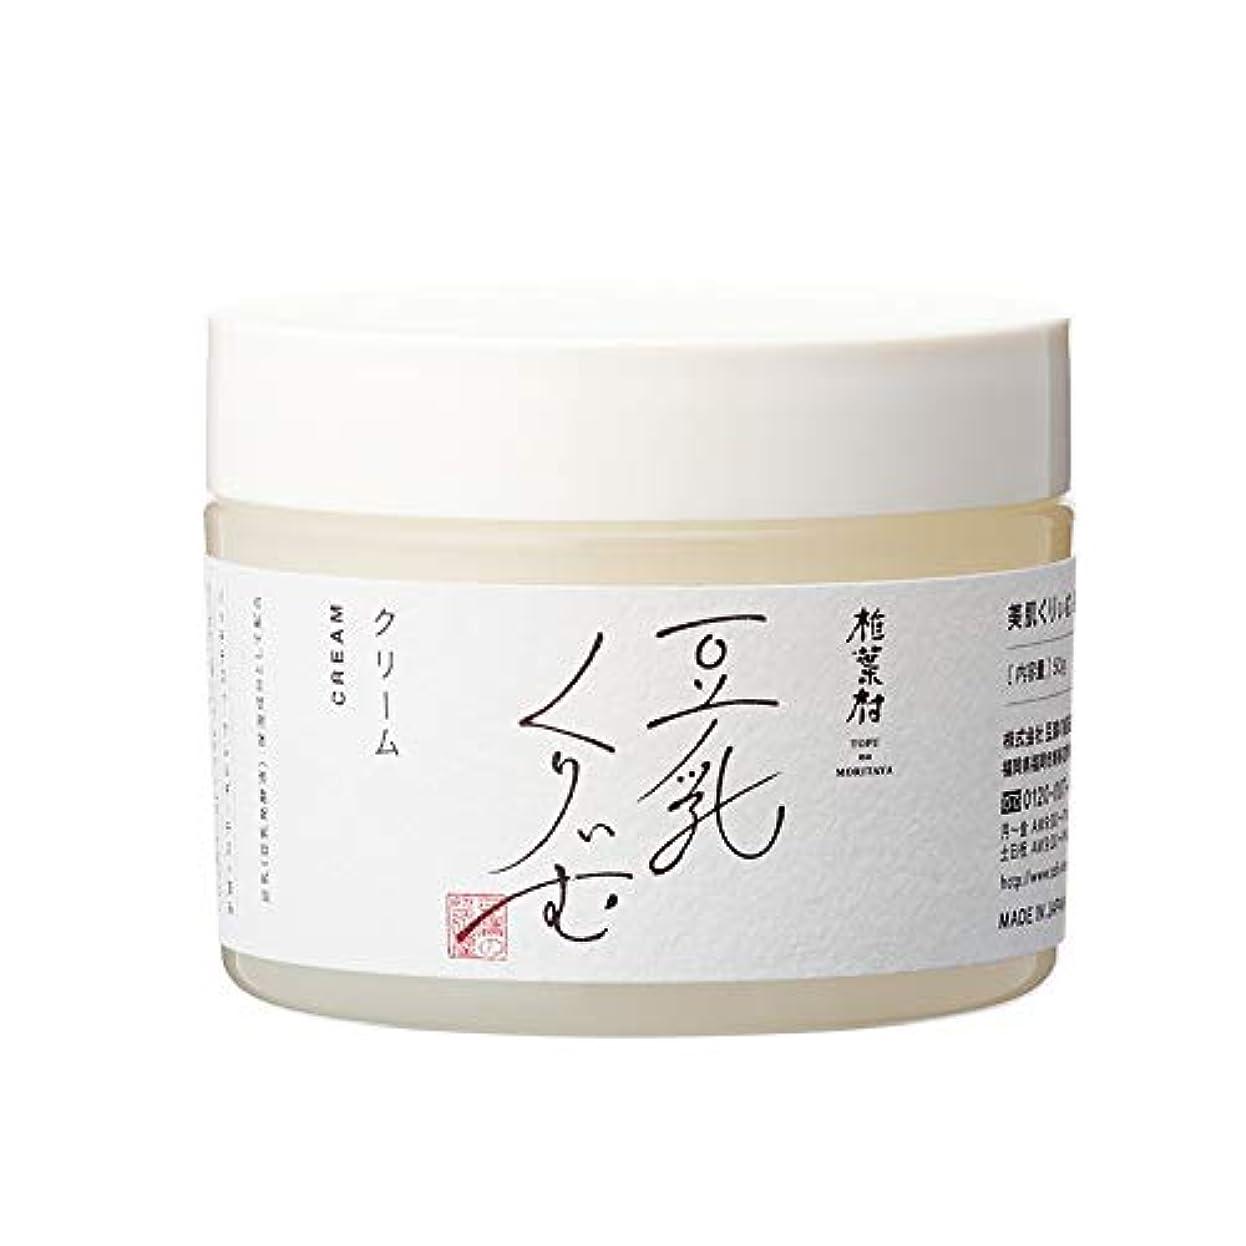 震えオフウェイター豆腐の盛田屋 豆乳くりぃむ 自然生活 50g